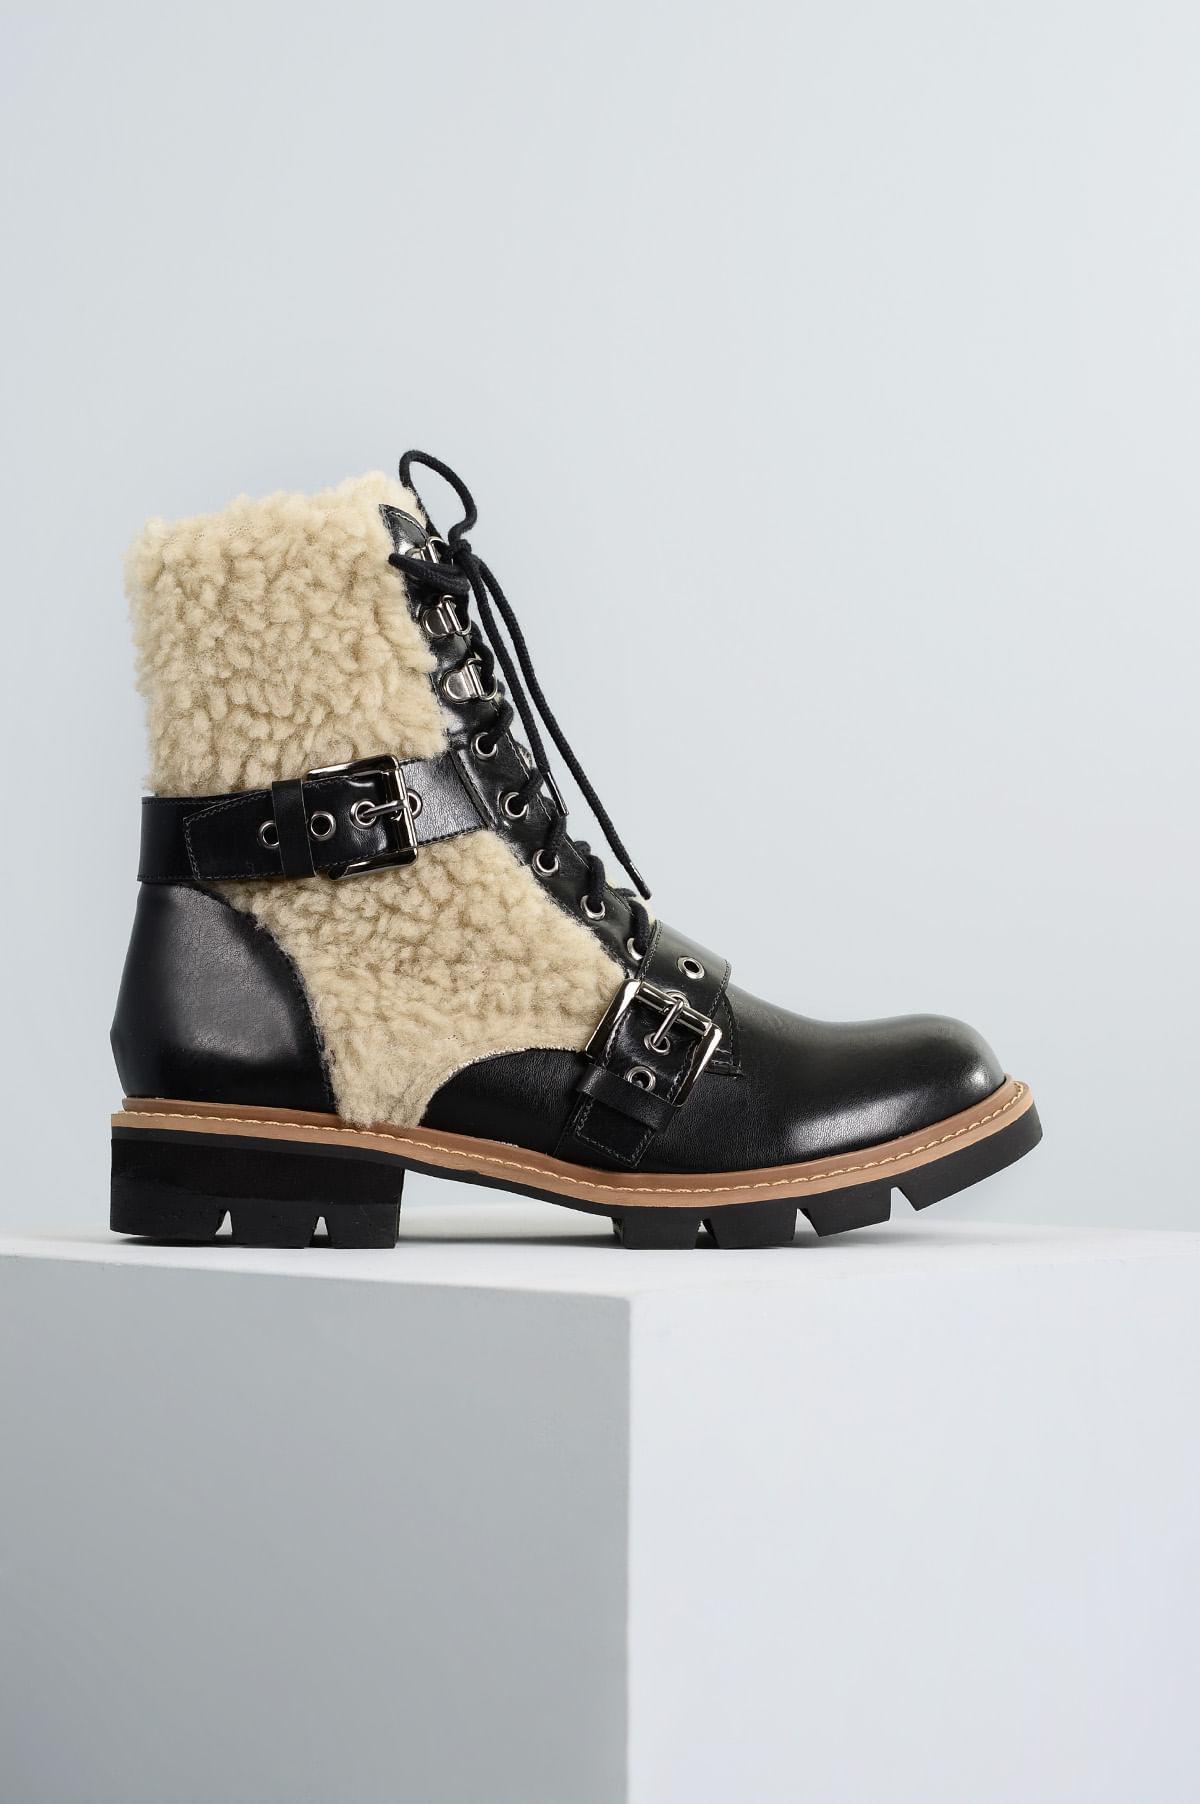 Bota Coturno Courtney Mundial SINT - PRETO - Mundial Calçados 681a11dcd12